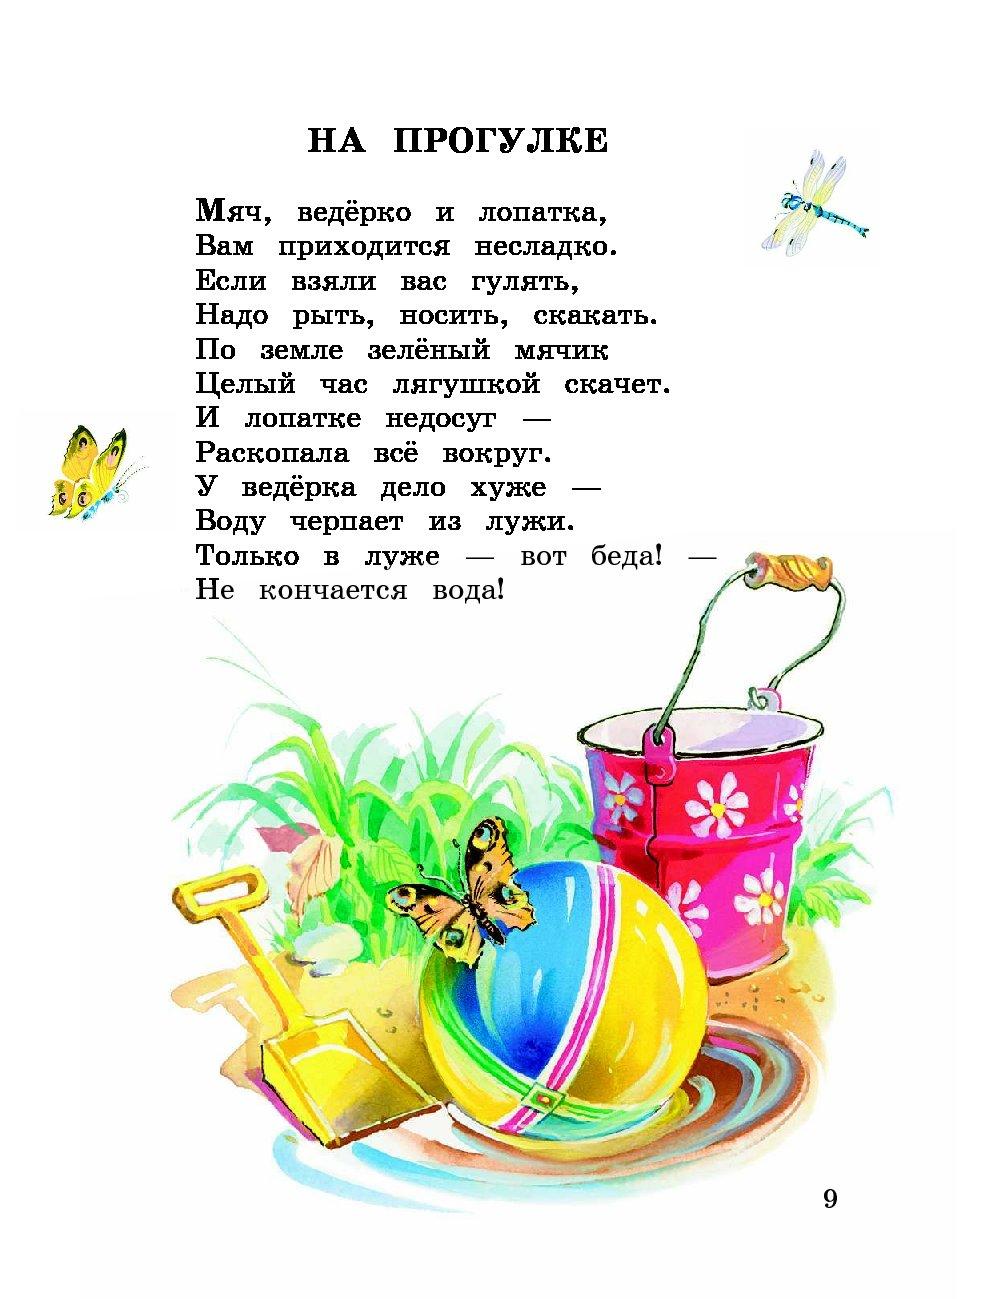 германия стихи александровой с картинками радуга конечном итоге